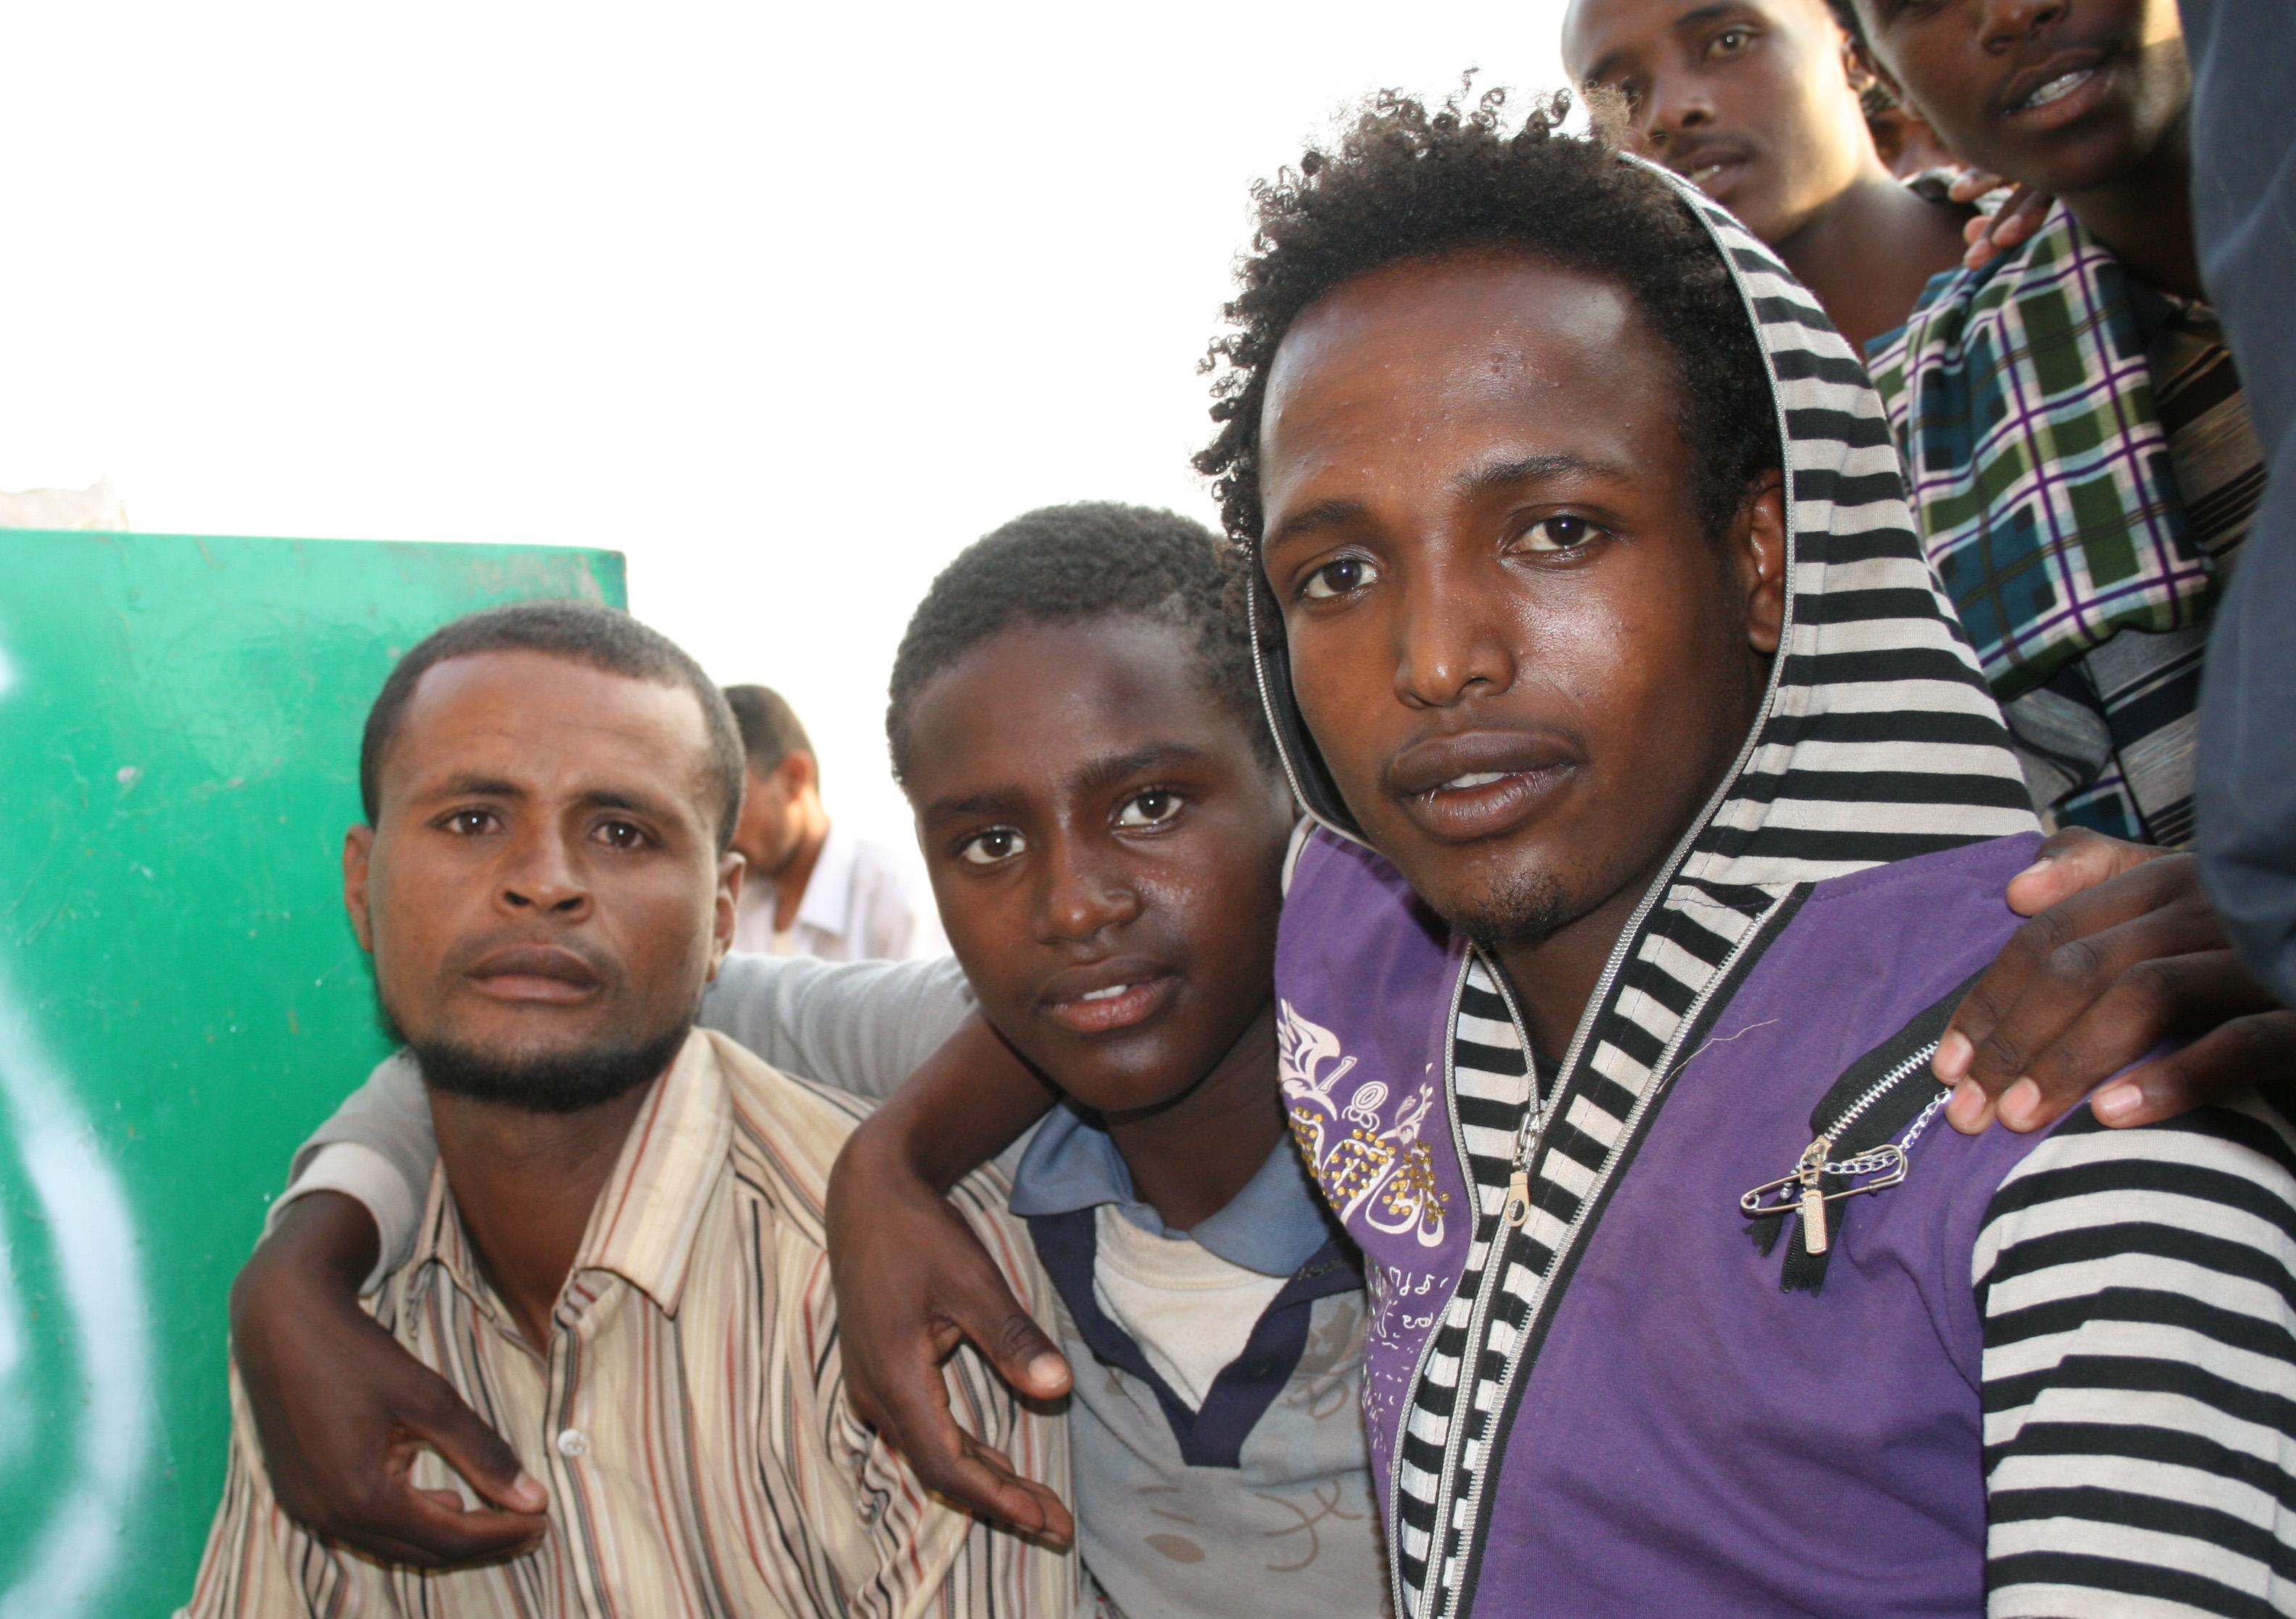 Un tiers des Africains envisageraient d'émigrer, selon un sondage